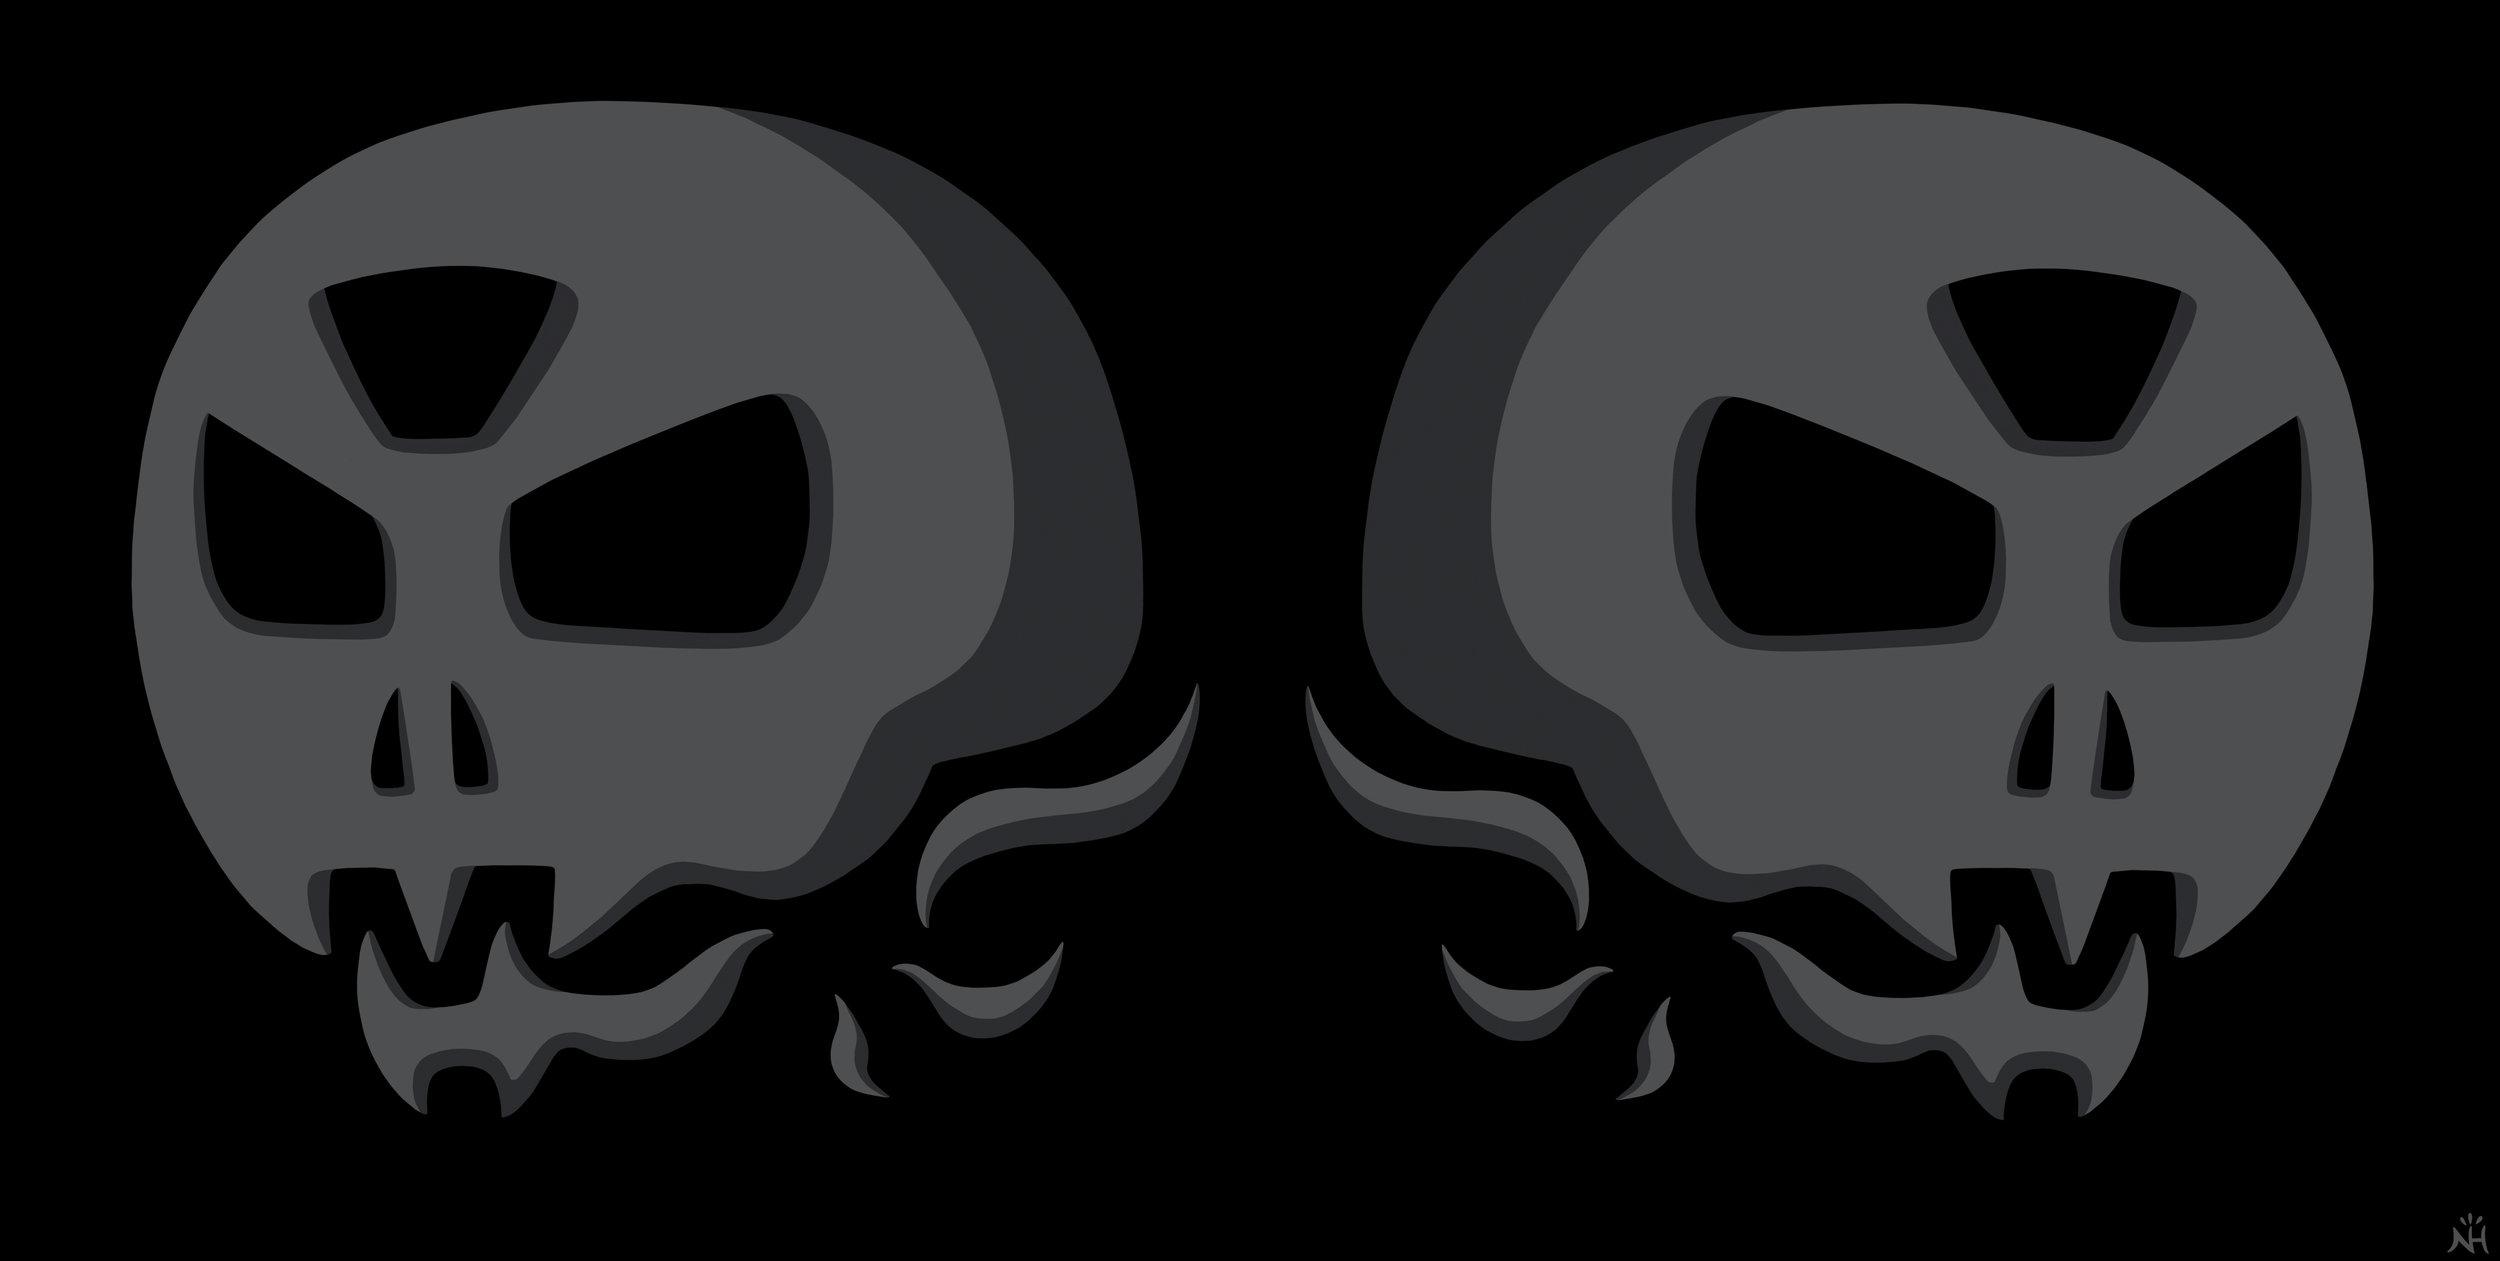 Triclopslogofinal.jpg